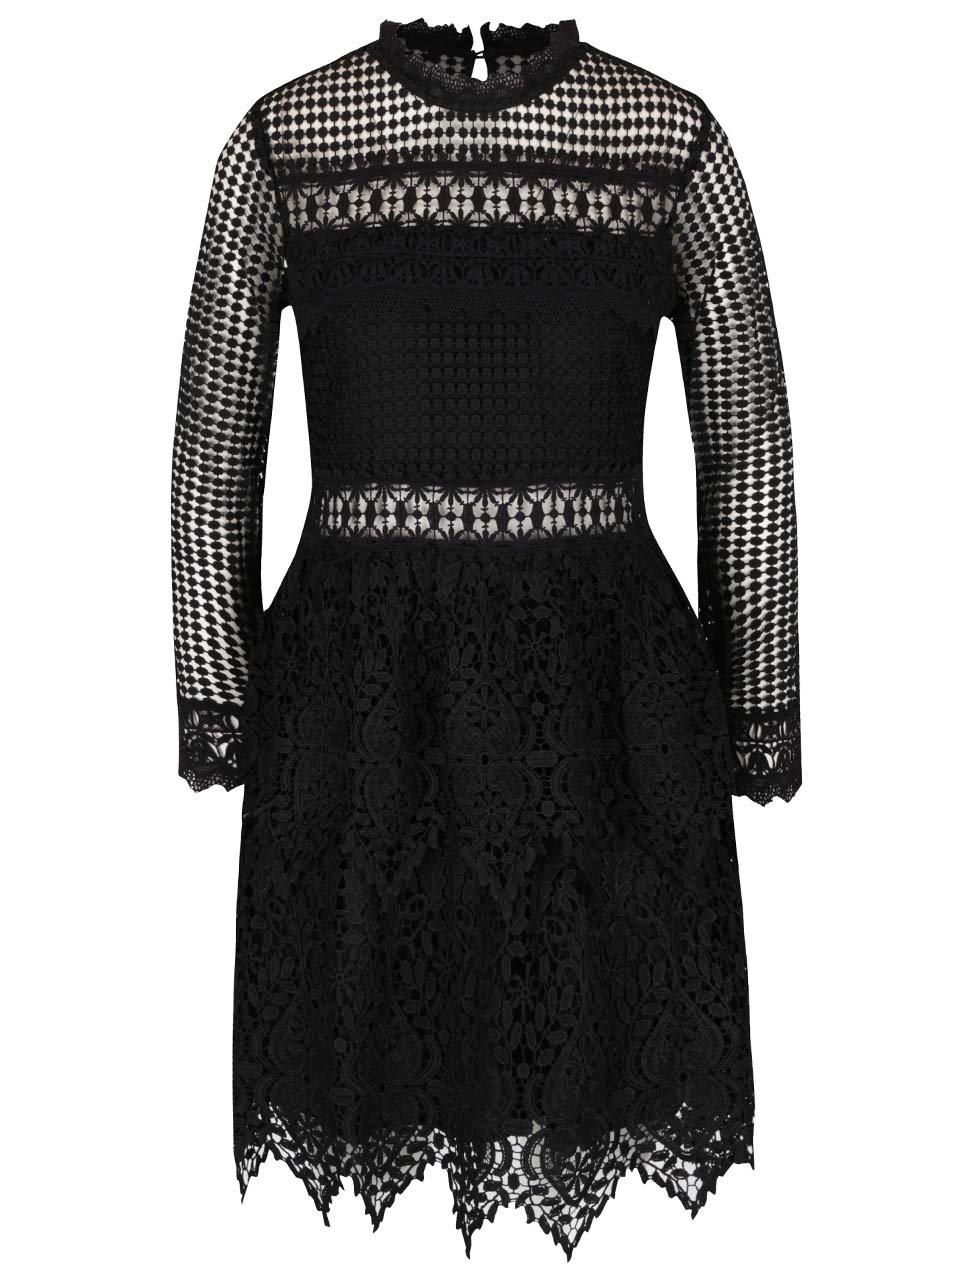 Čierne čipkované šaty s dlhým rukávom Miss Selfridge  b1322e2e959